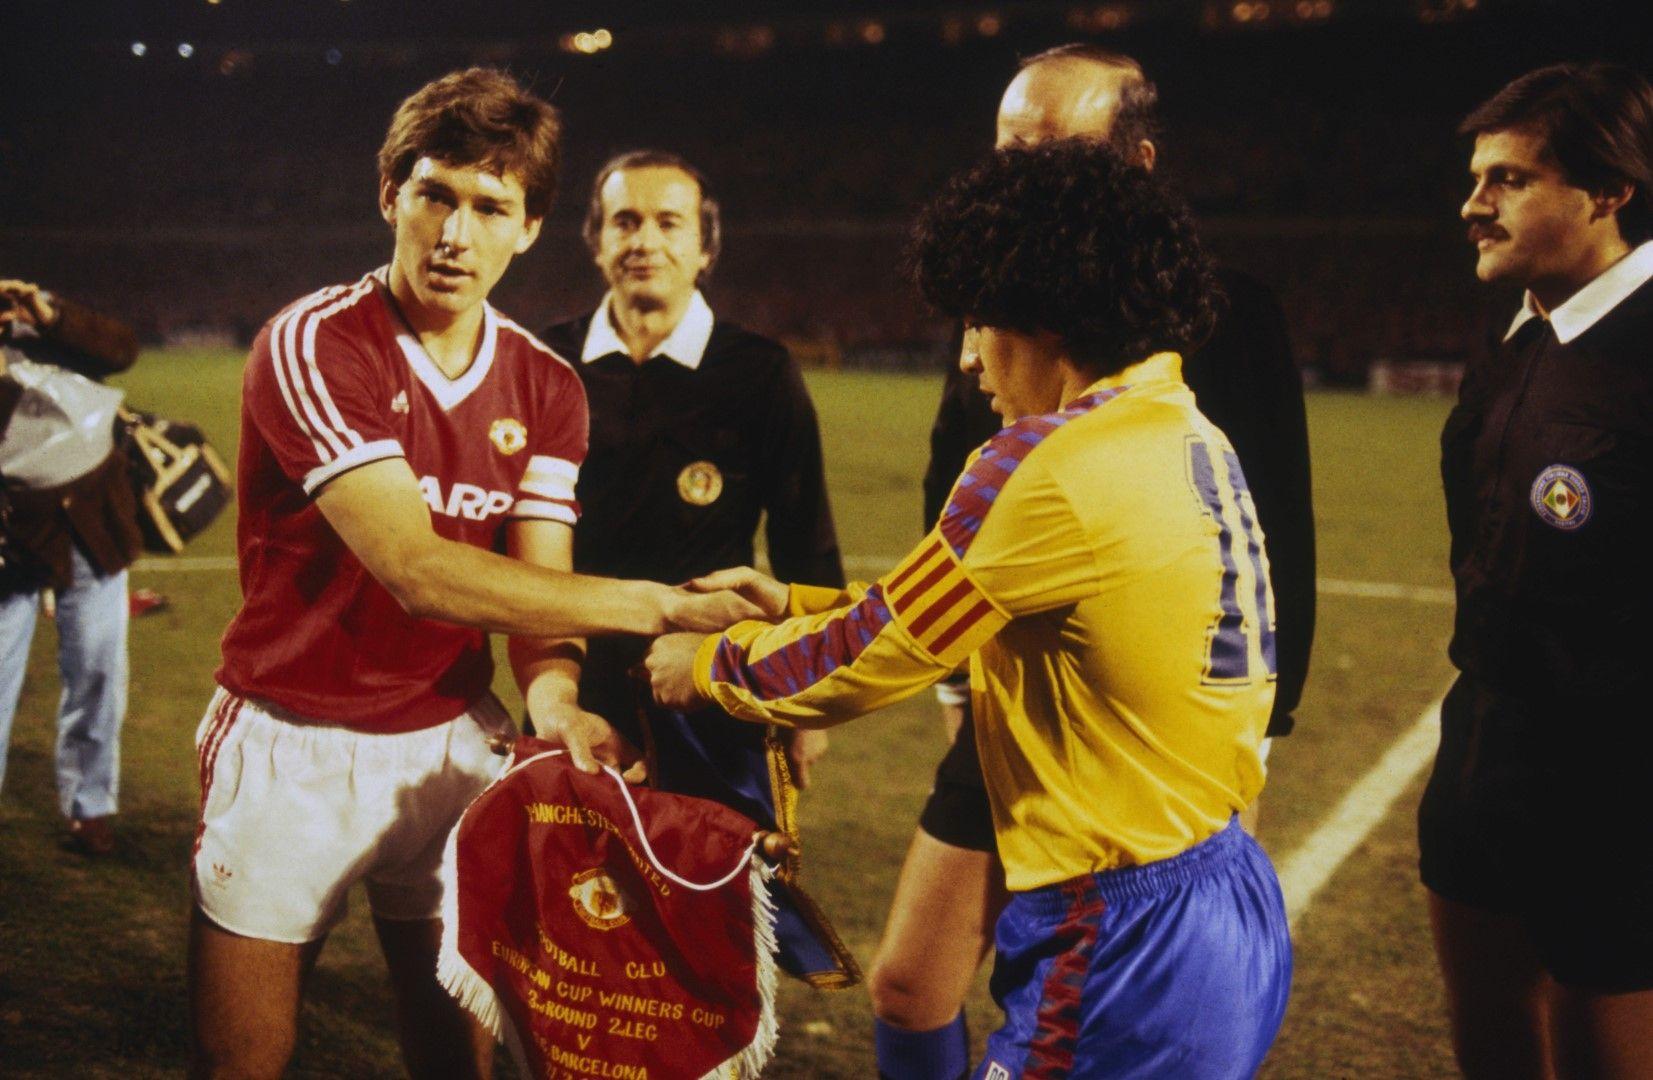 198 4 г., КНК. Робсън и Марадона преди реванша в Англия, донесъл обрат и сладък триумф на Юнайтед